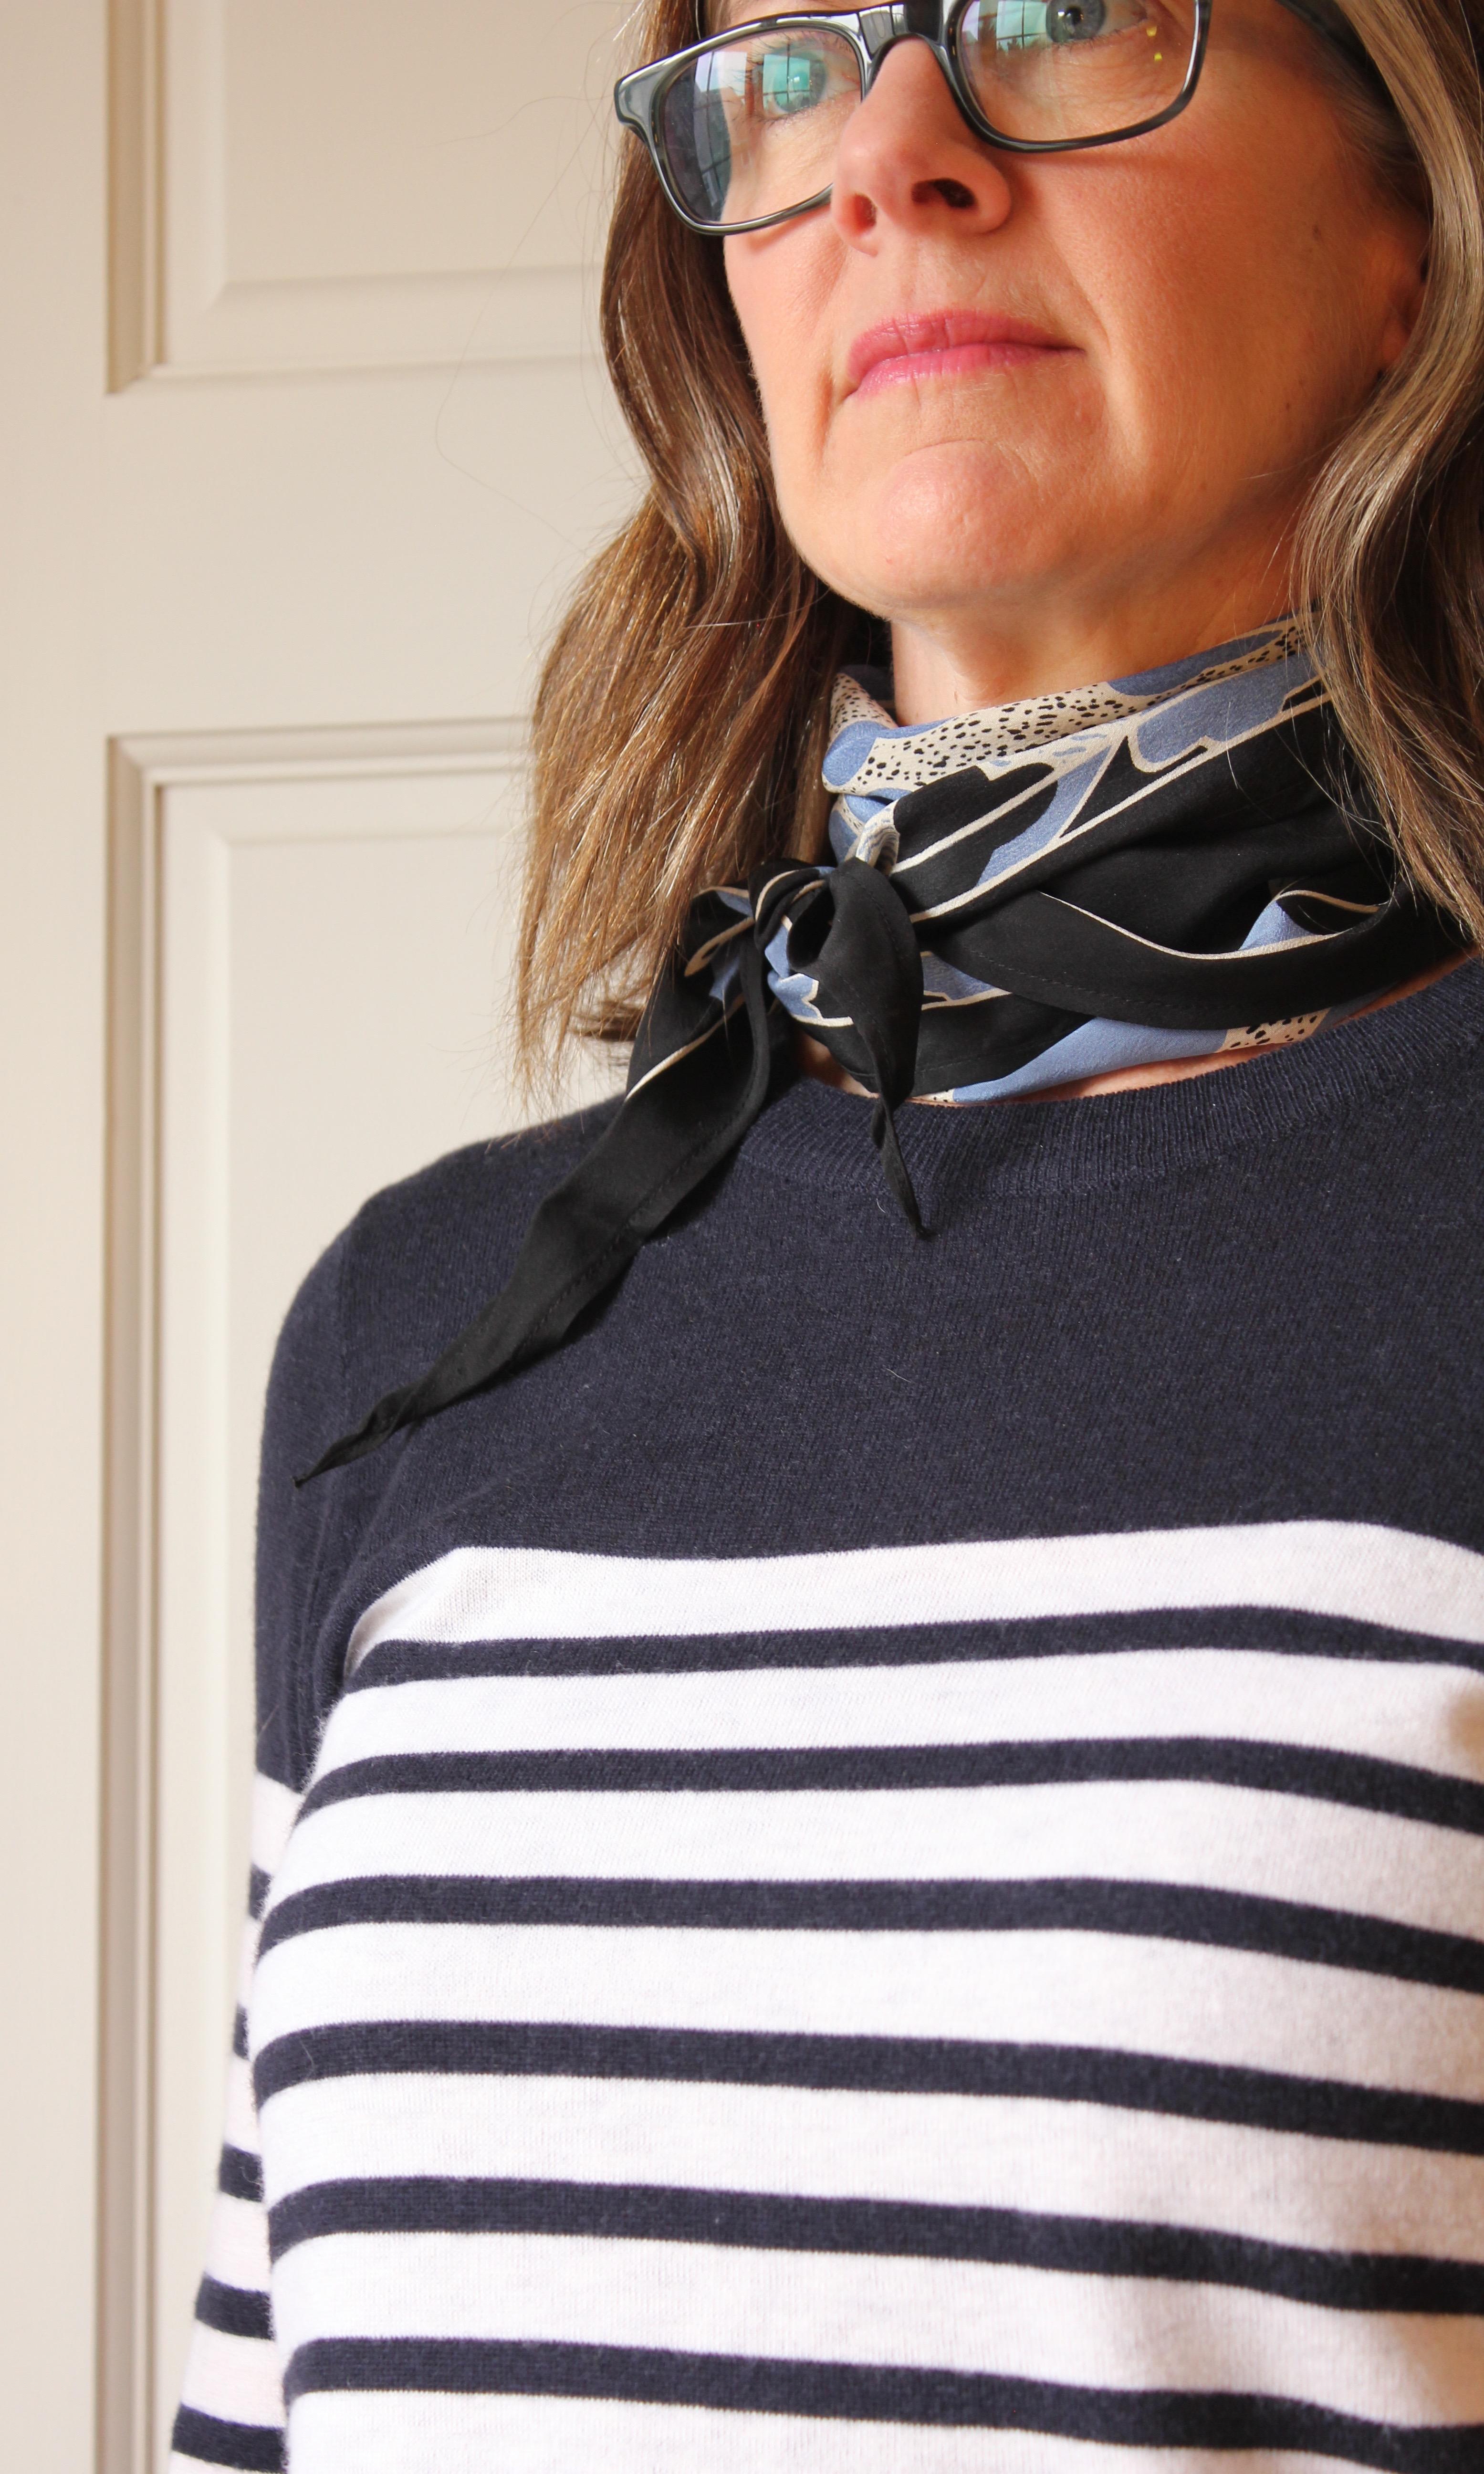 skinny silk scarf - french twist tie